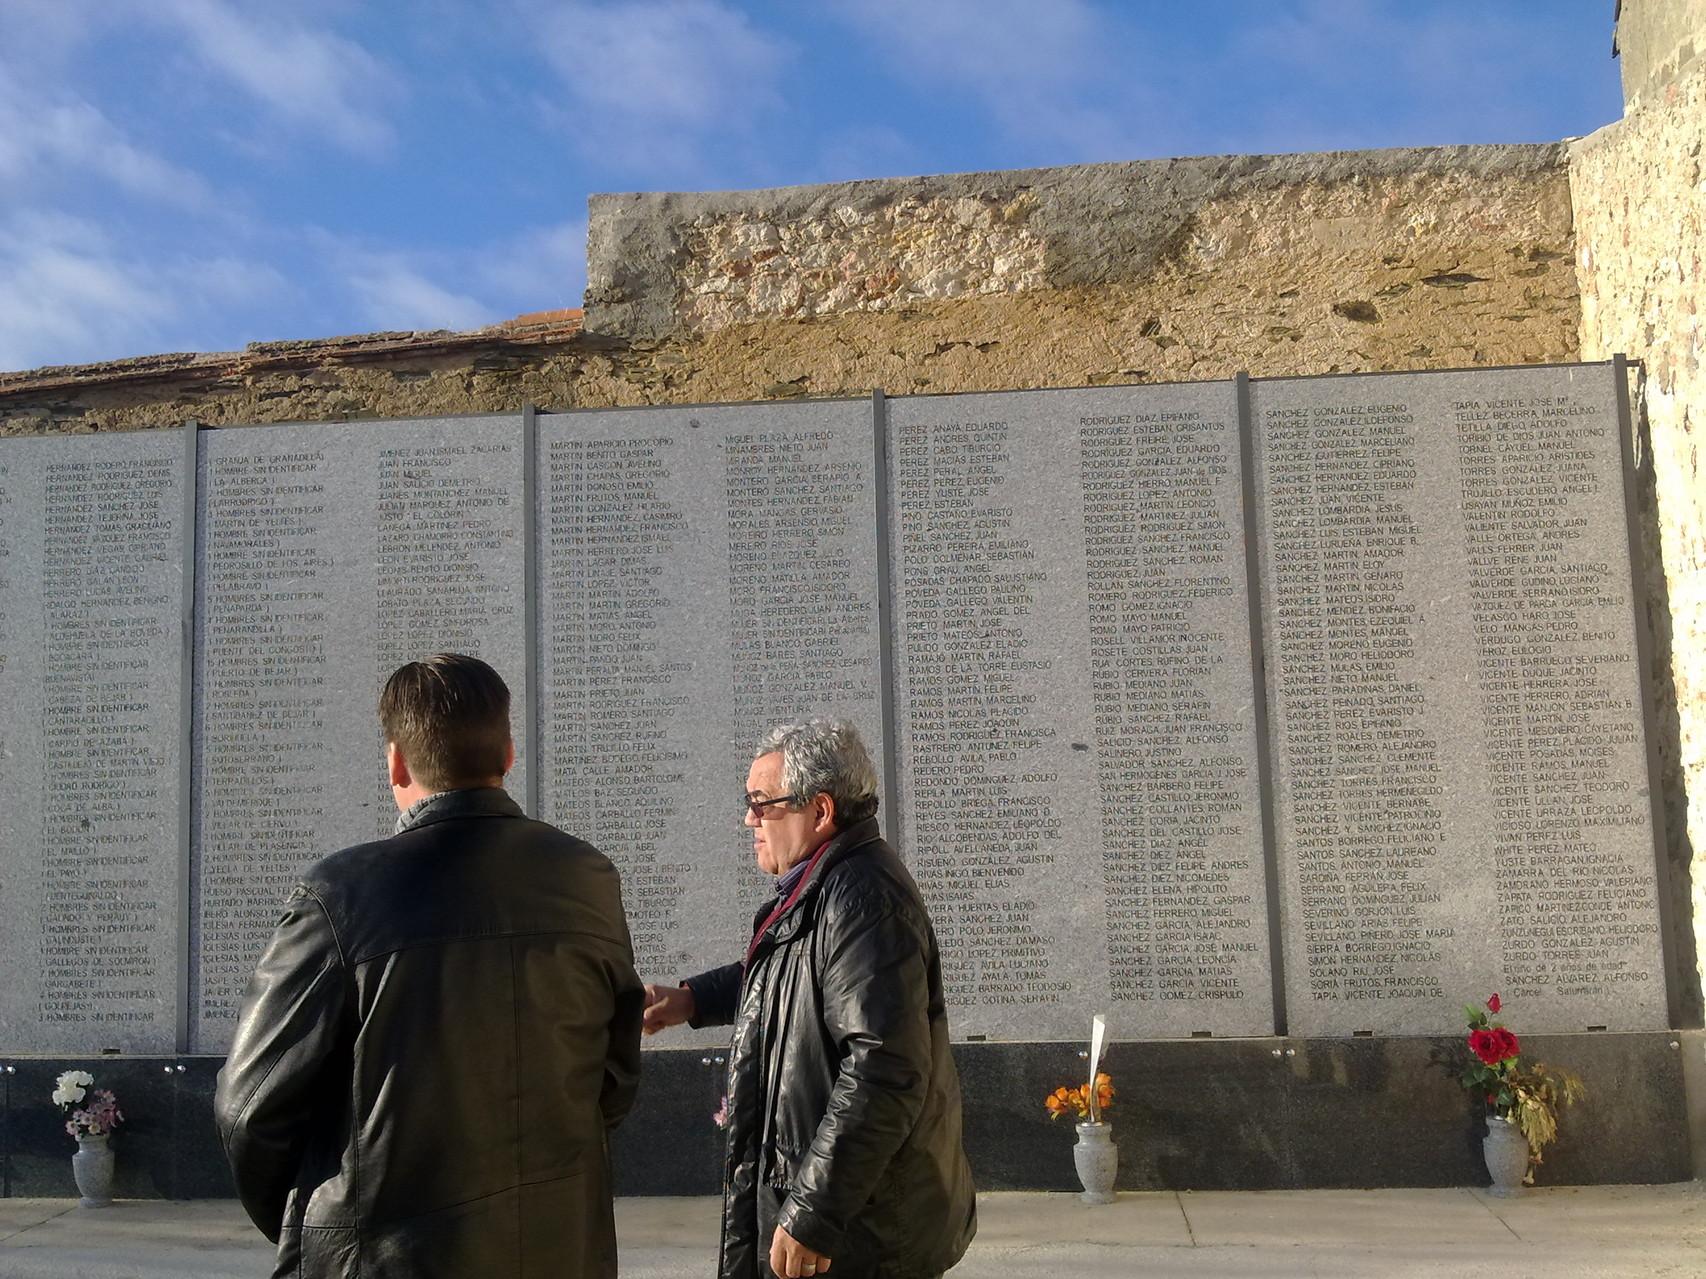 lListaod de víctimas, cementerio de Salamanca, foto propia